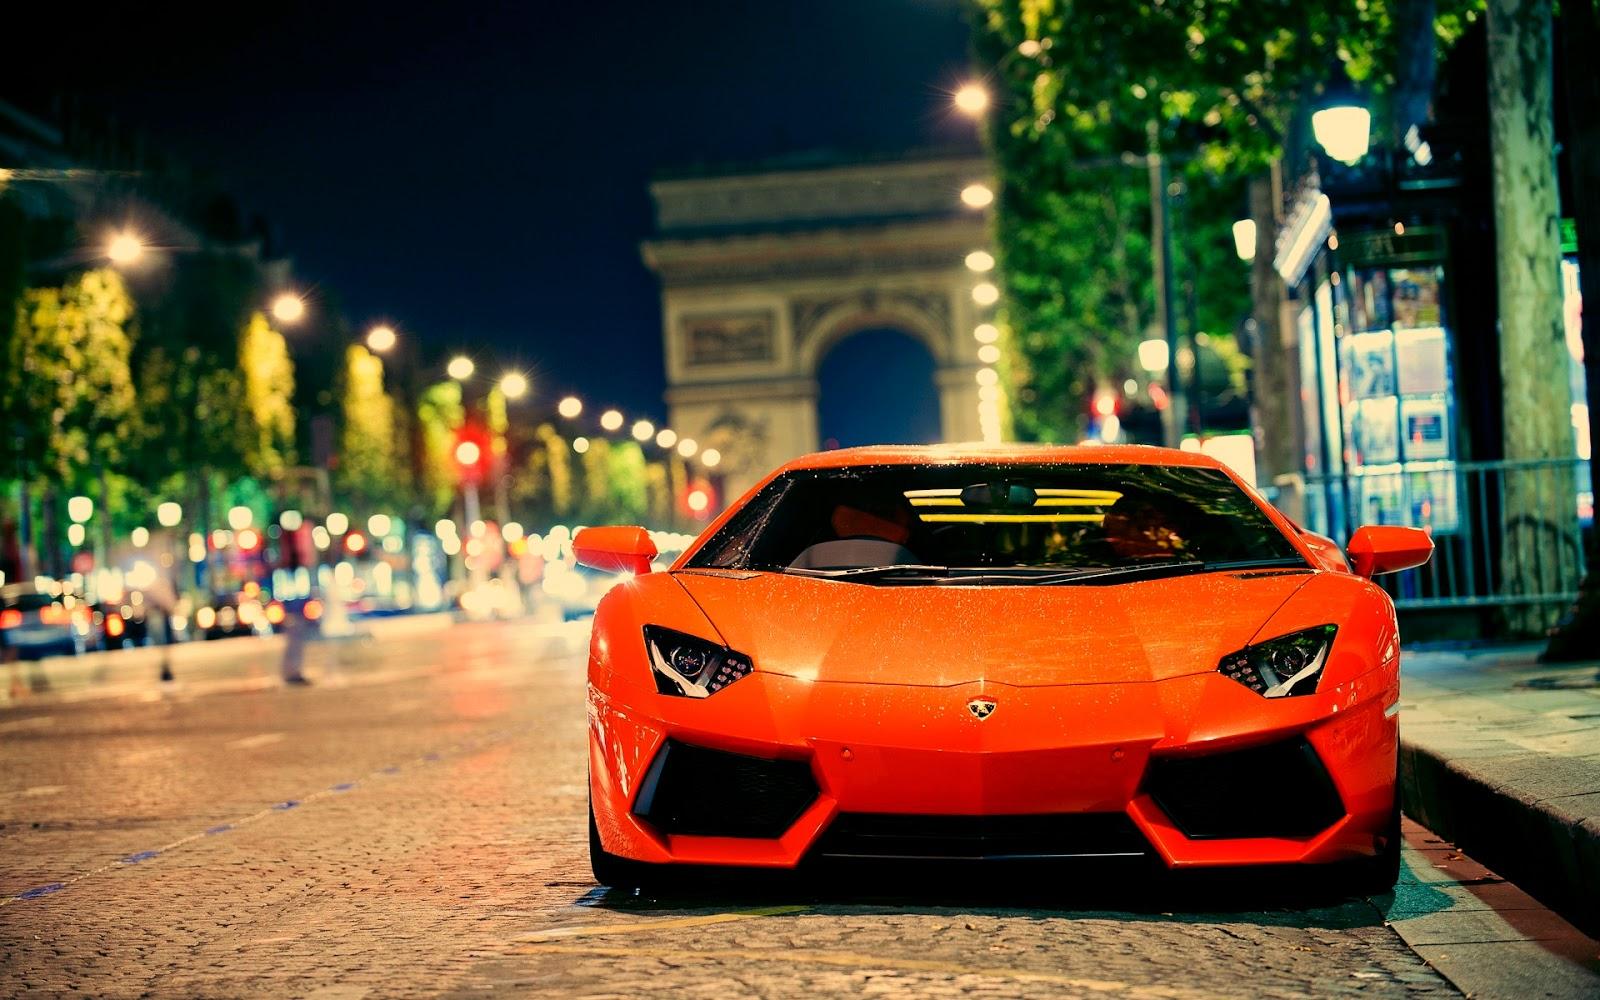 Hot Orange Lamborghini parking Wallpaper   Car Wallpaper ...